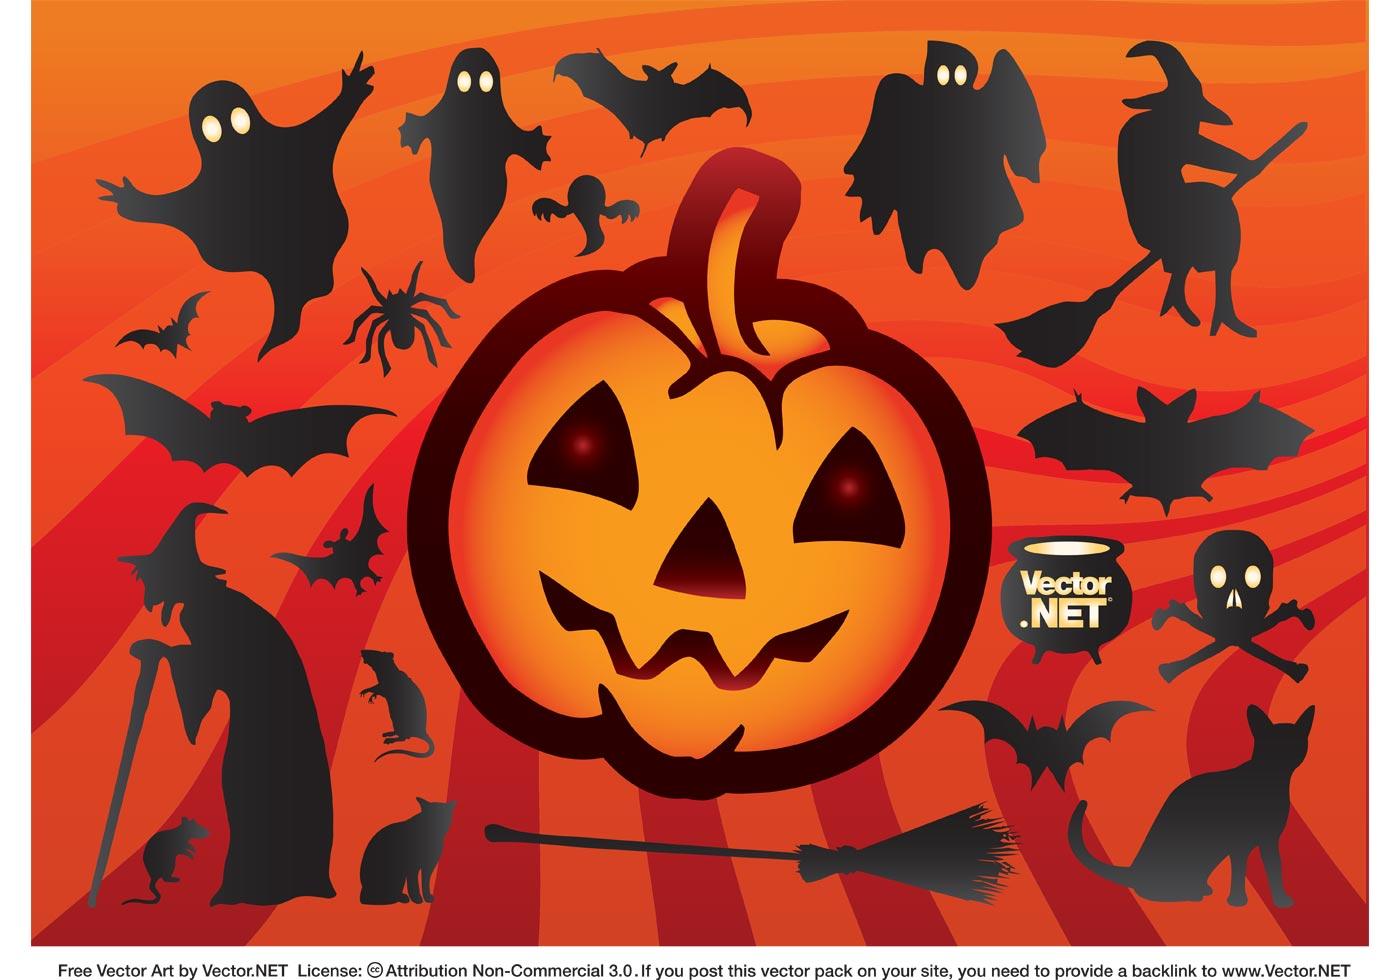 Cool Halloween Vectors - Download Free Vector Art, Stock ...